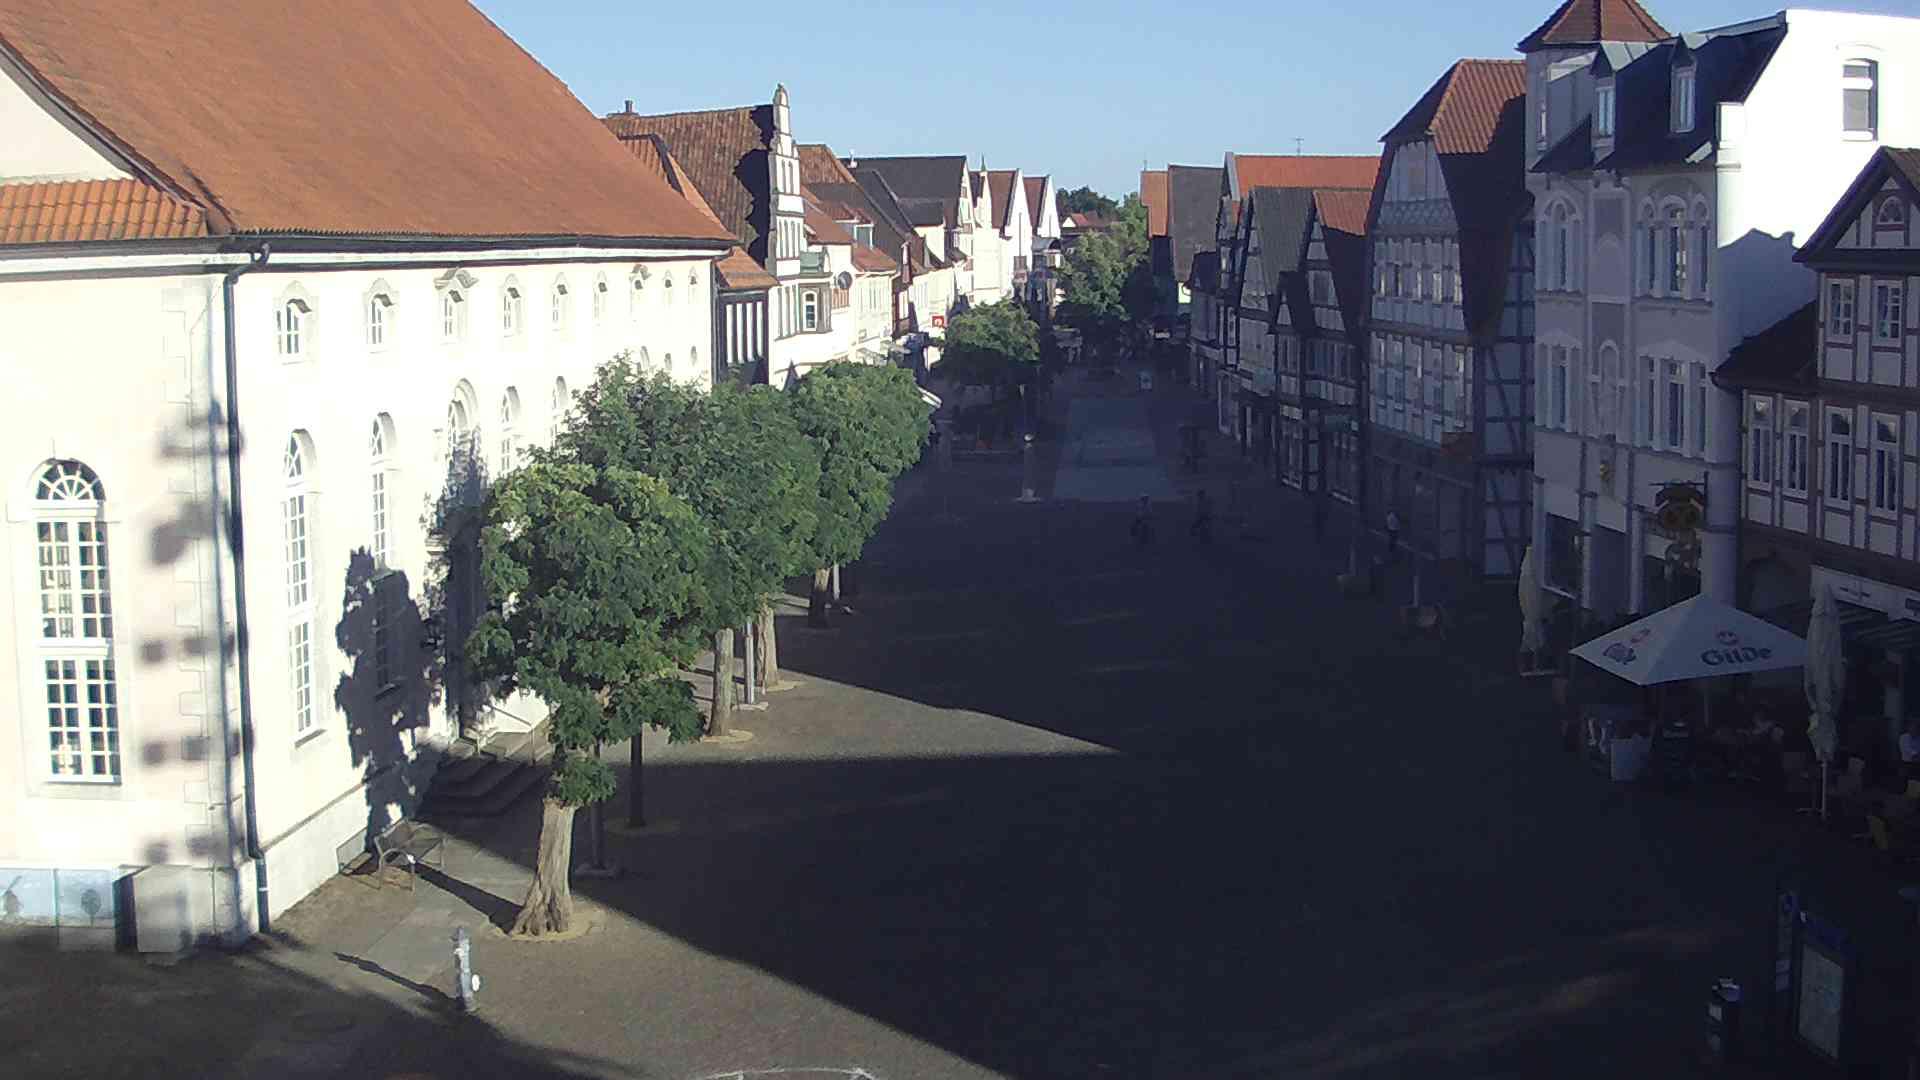 Webcam - Blick in die Fußgängerzone vom Rathaus aus